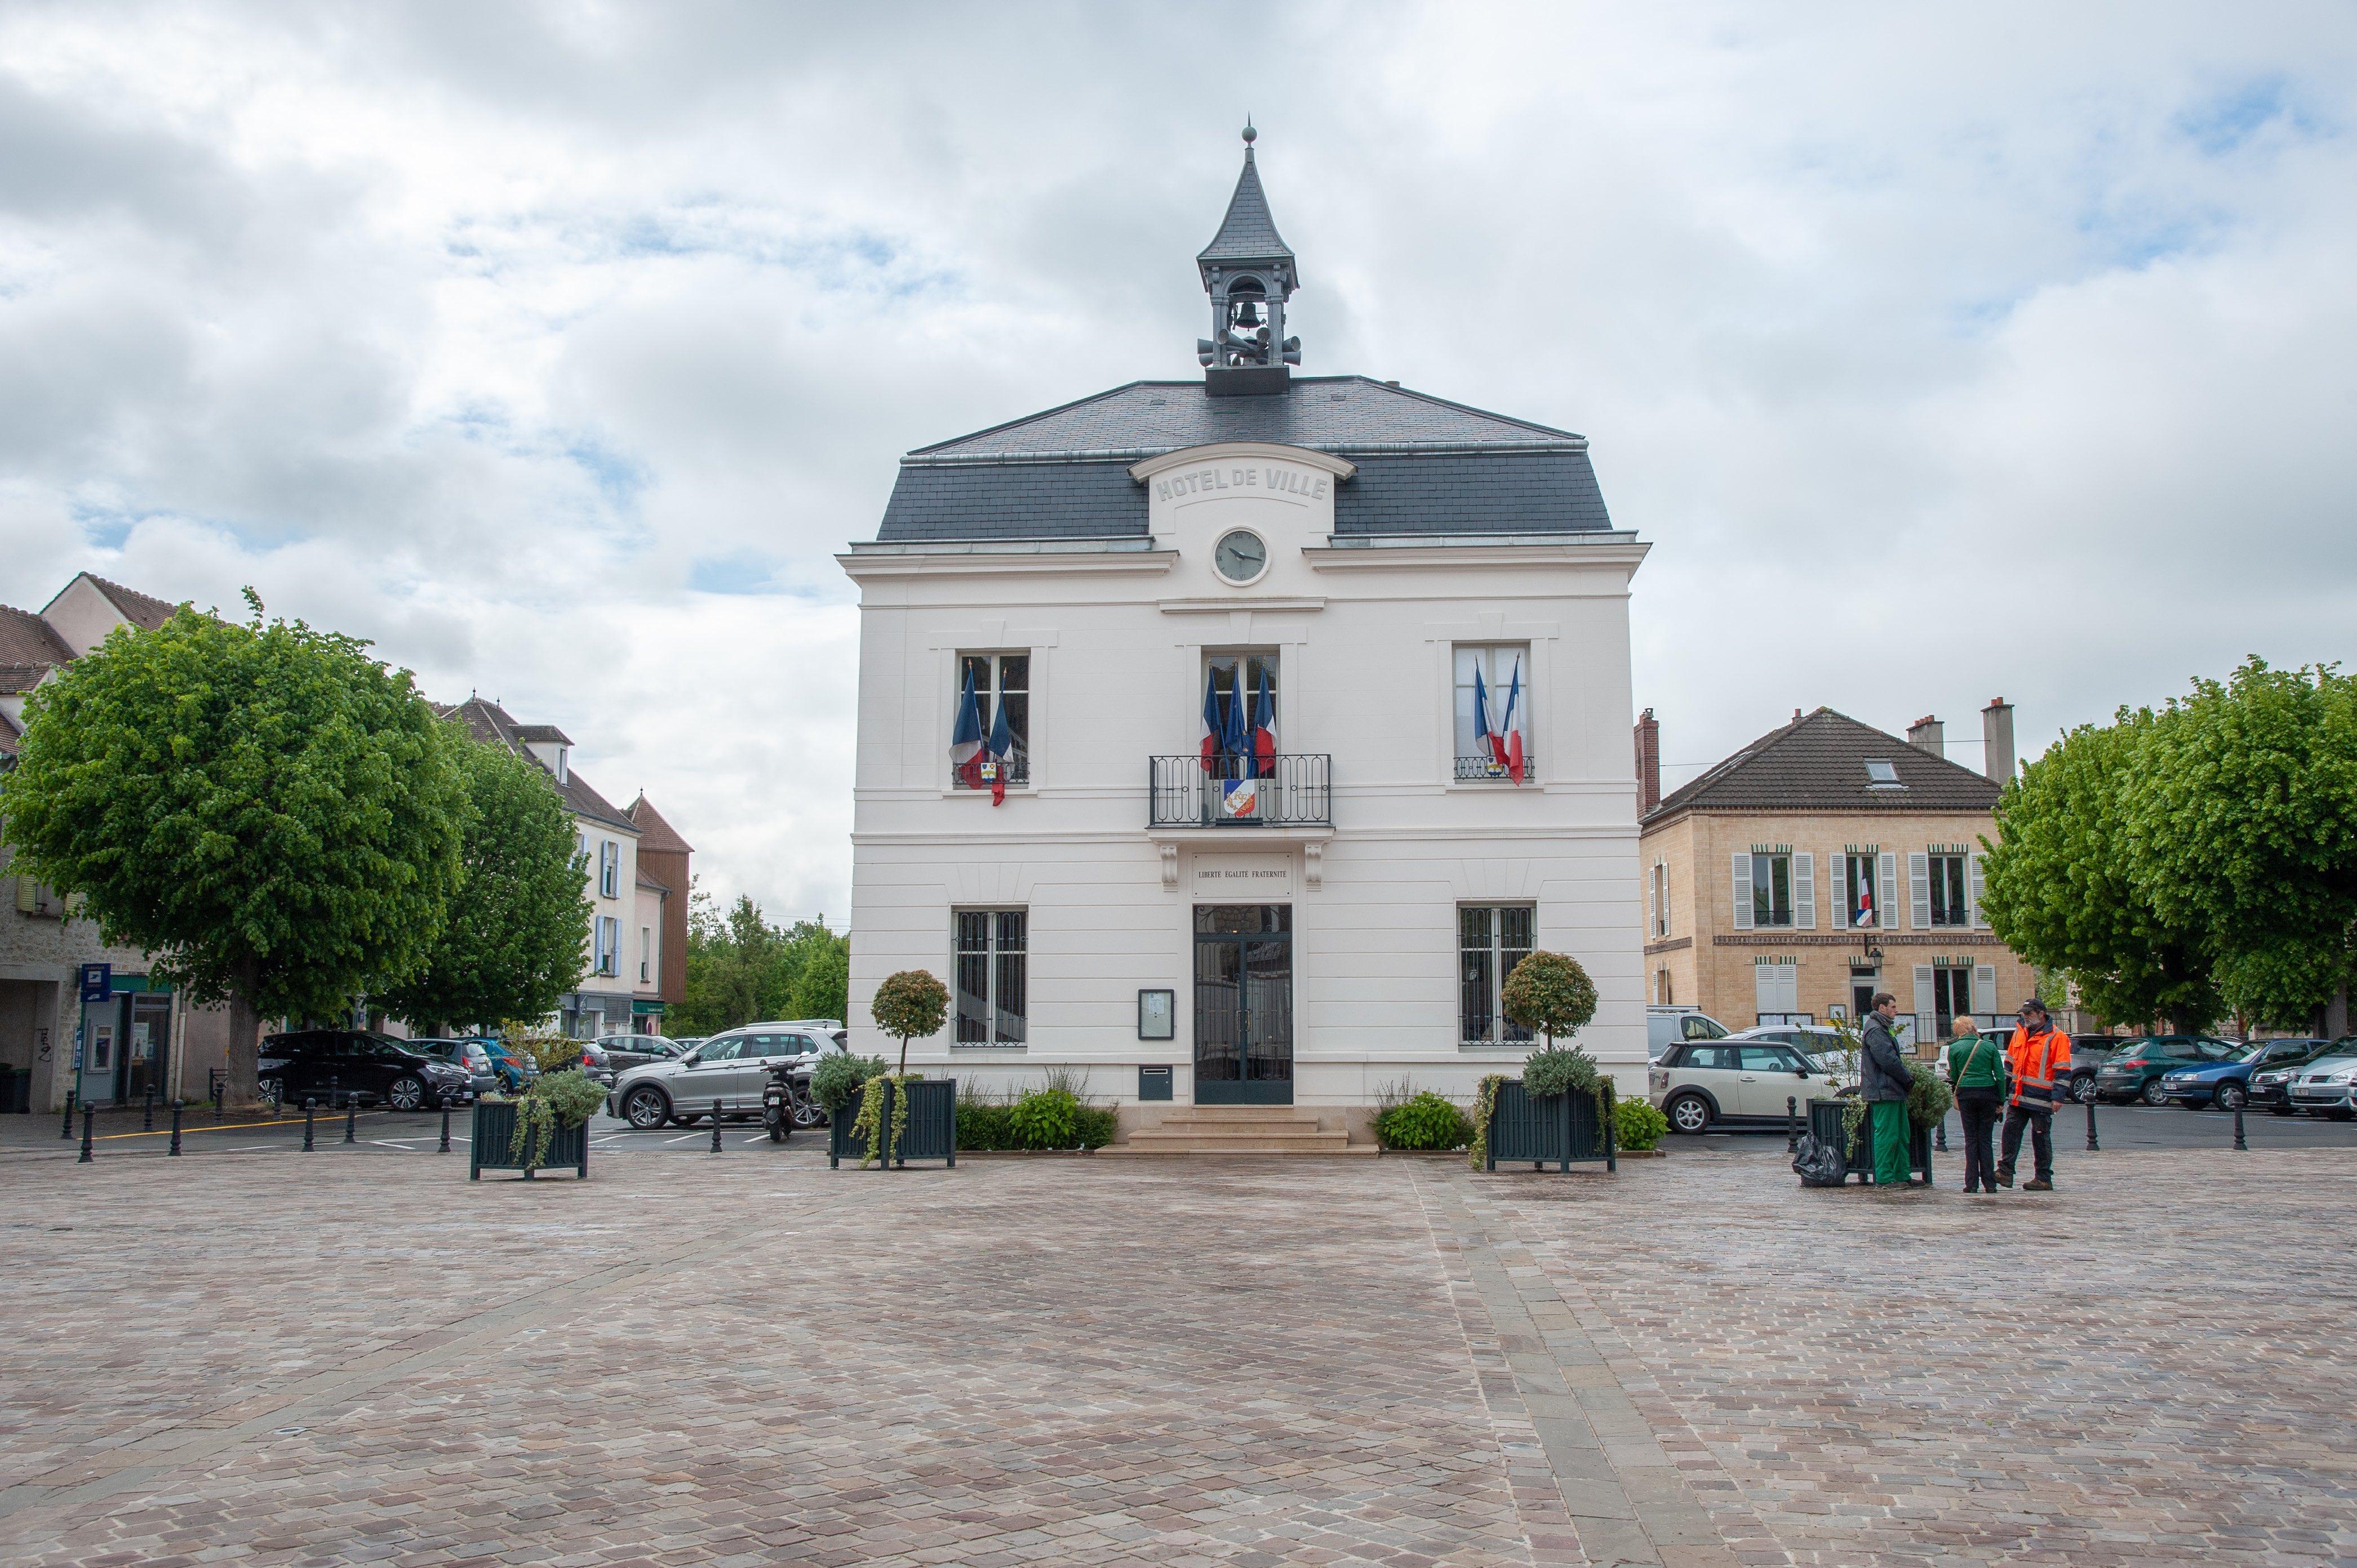 Mairie d'Auvers-sur-Oise, Ile de France